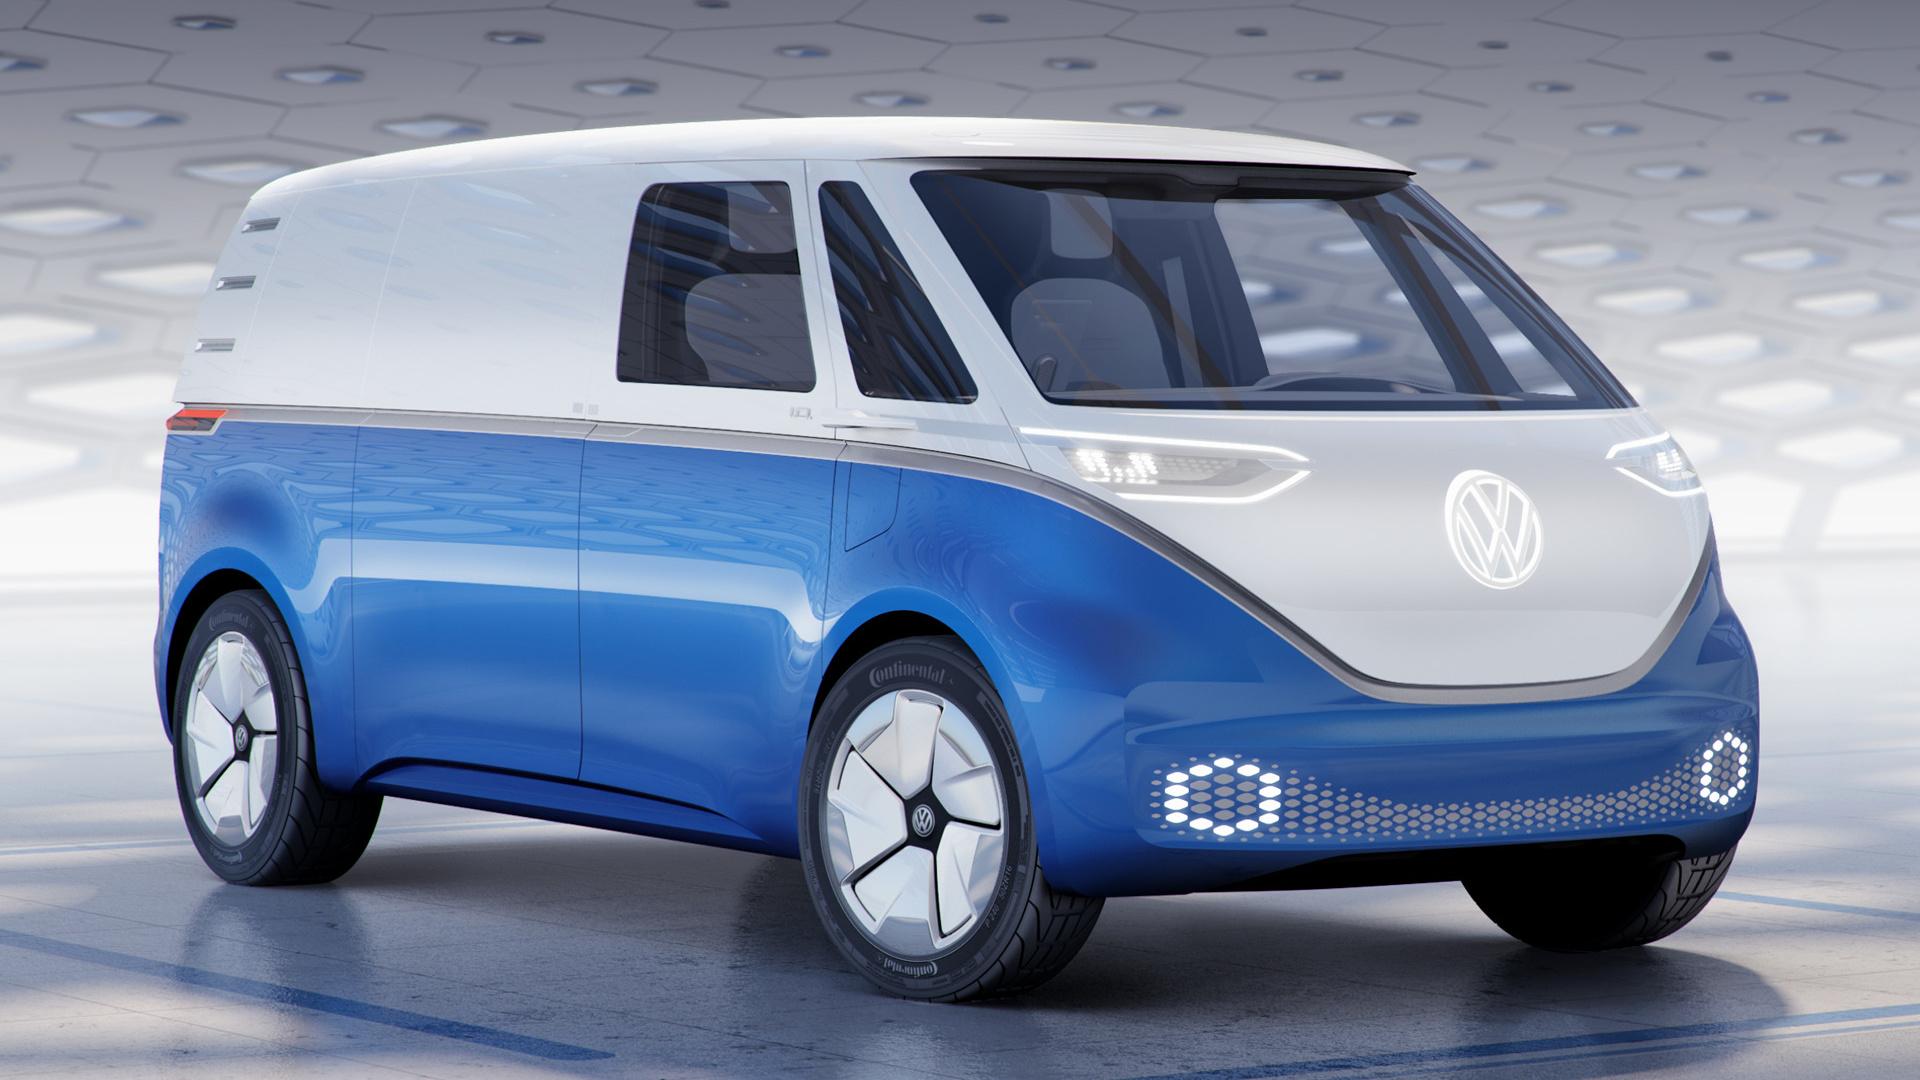 VW rozpoczyna pracę nad autonomicznym samochodem ID. Buzz.